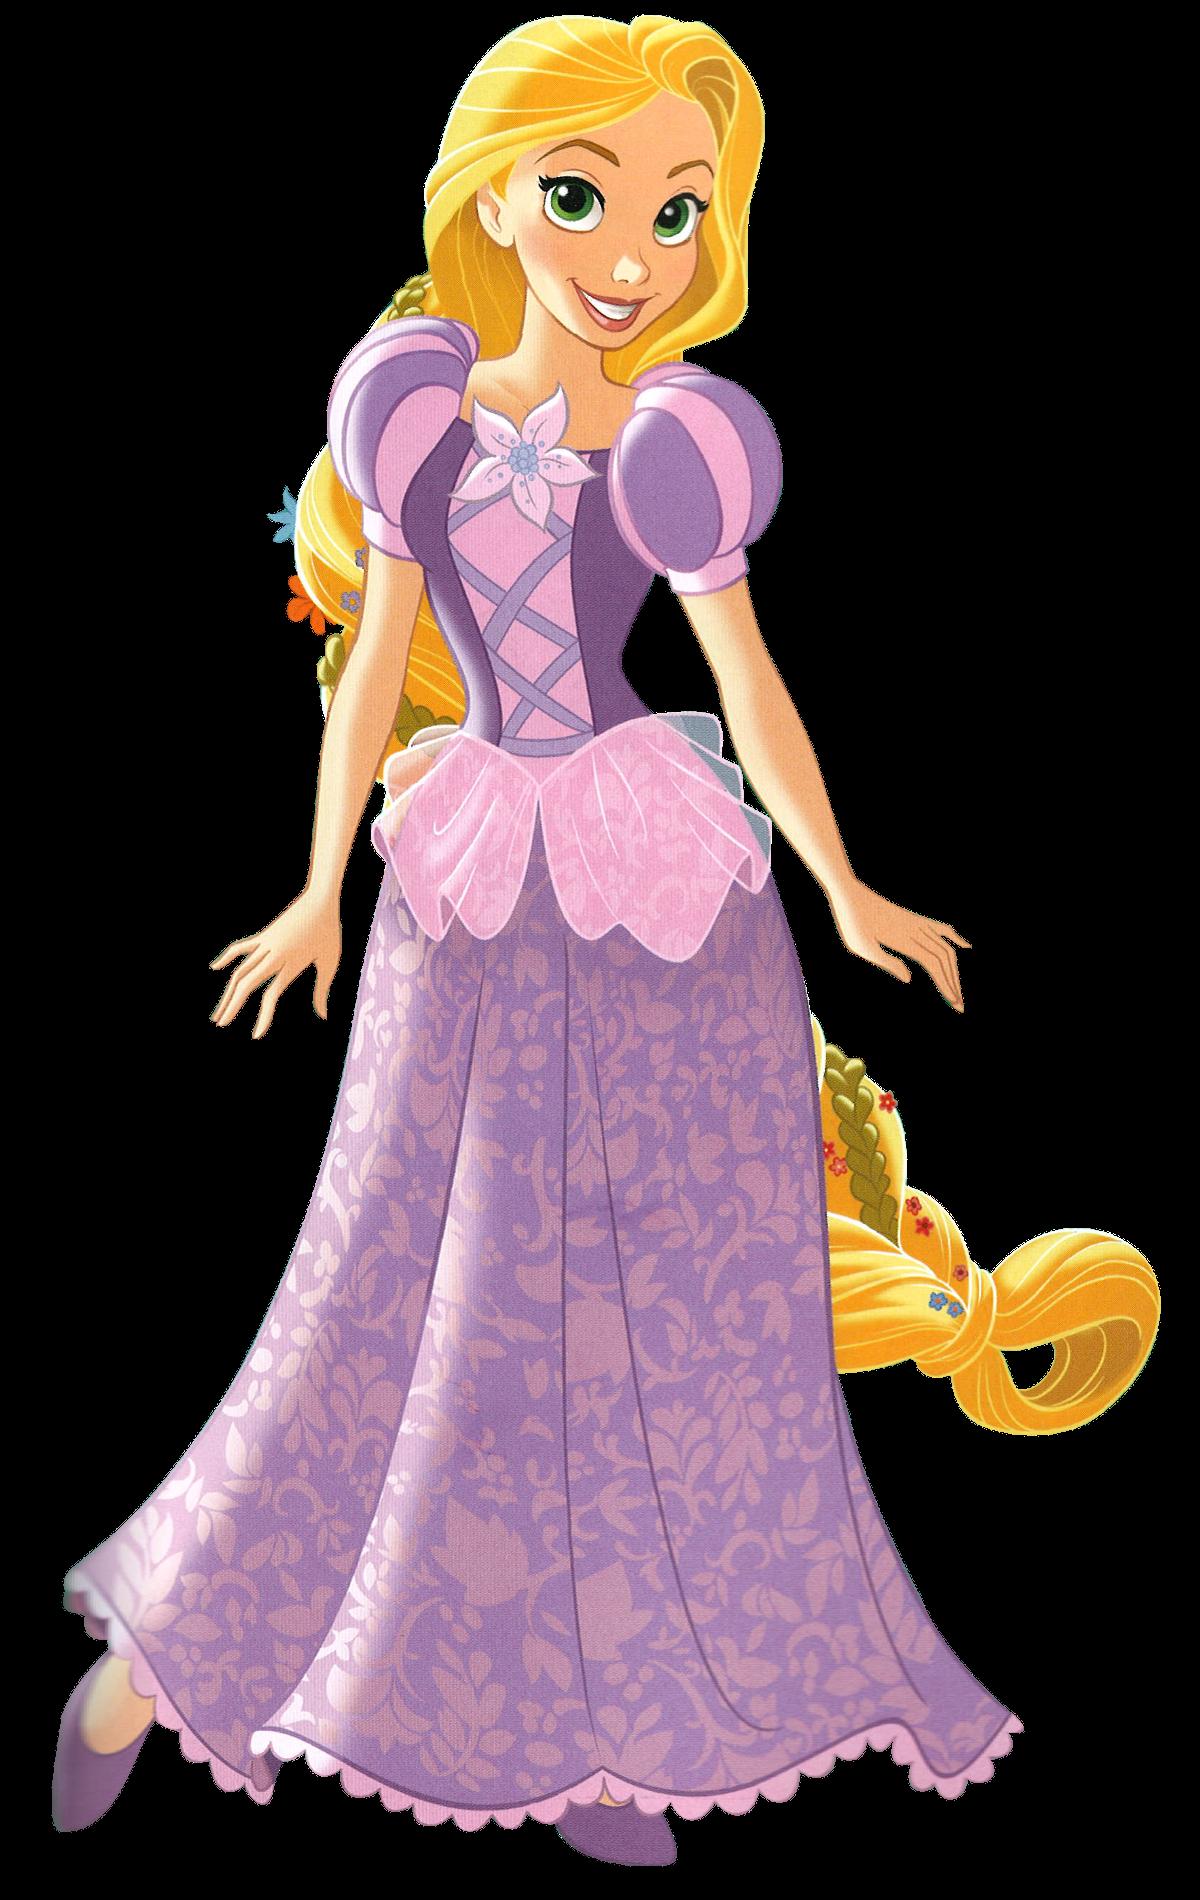 Rapunzel - .png file